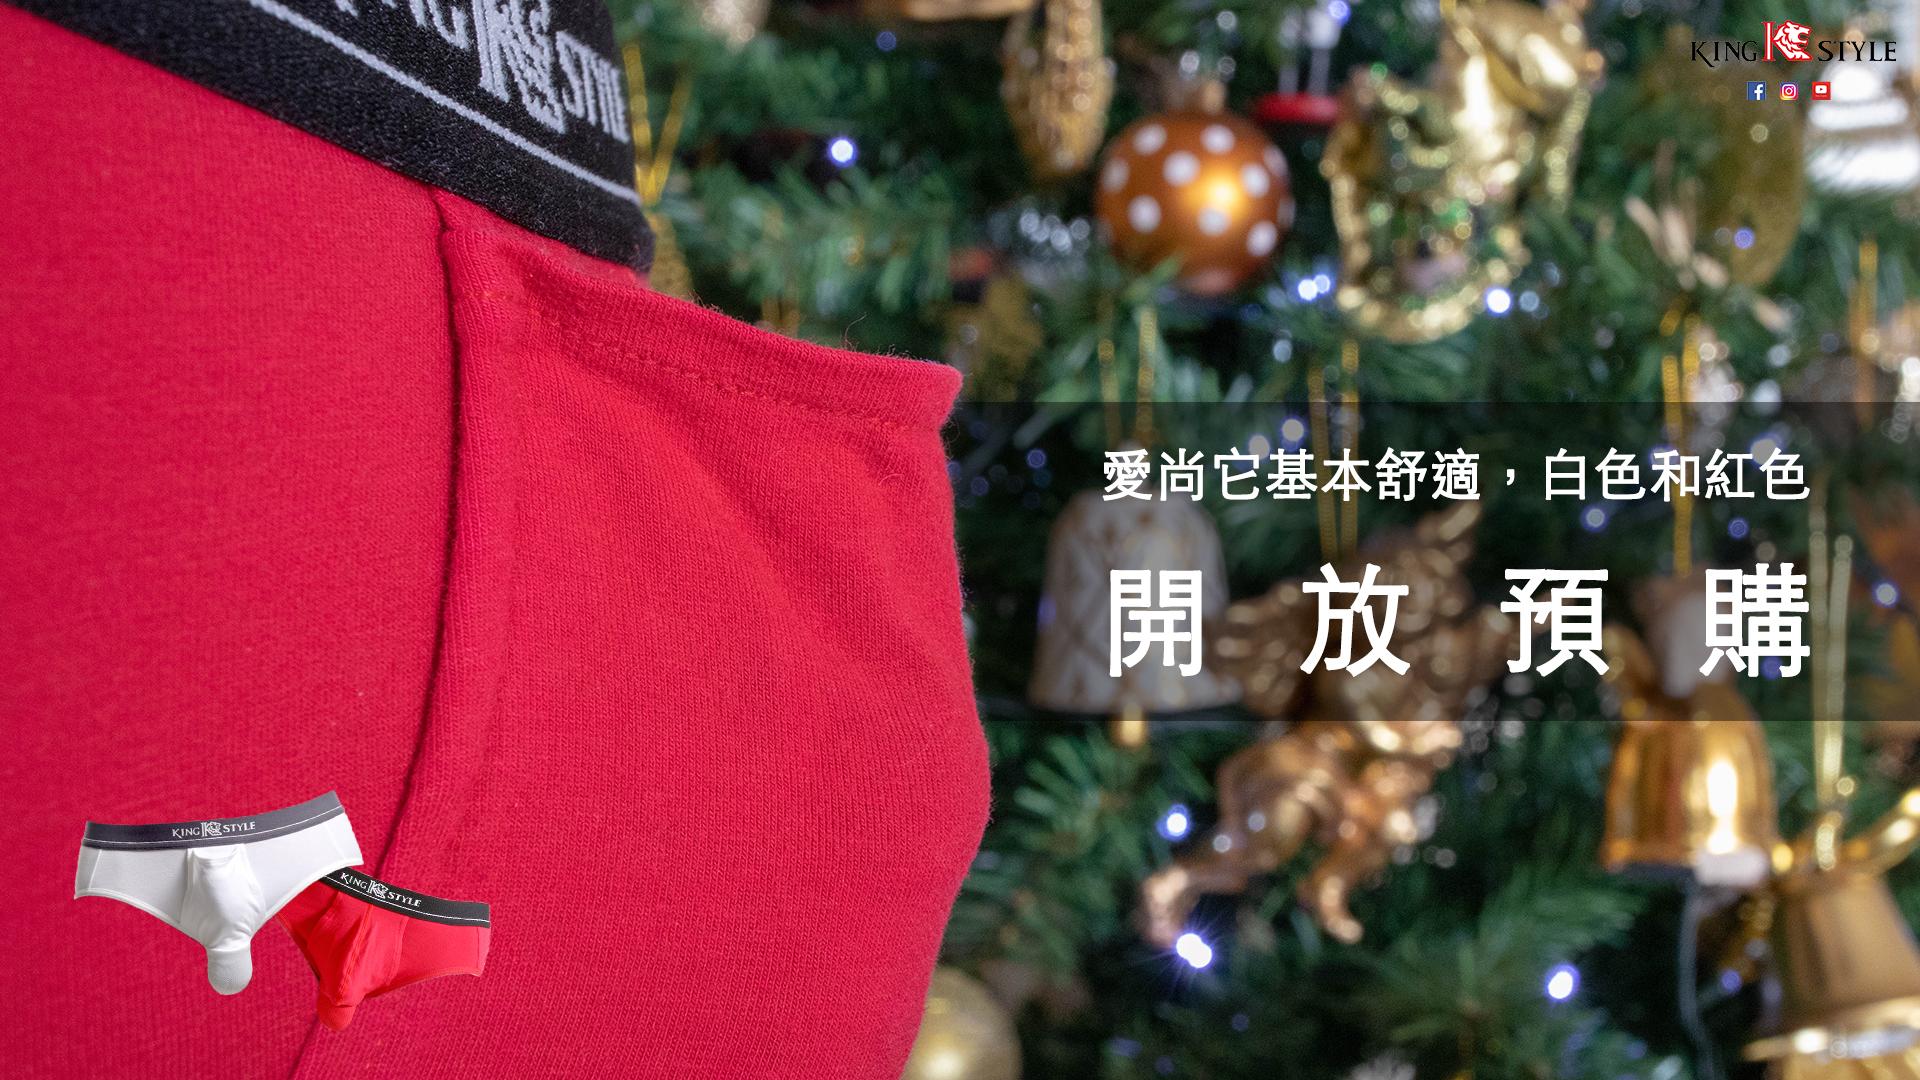 King Style Underwear: 男性囊袋內褲